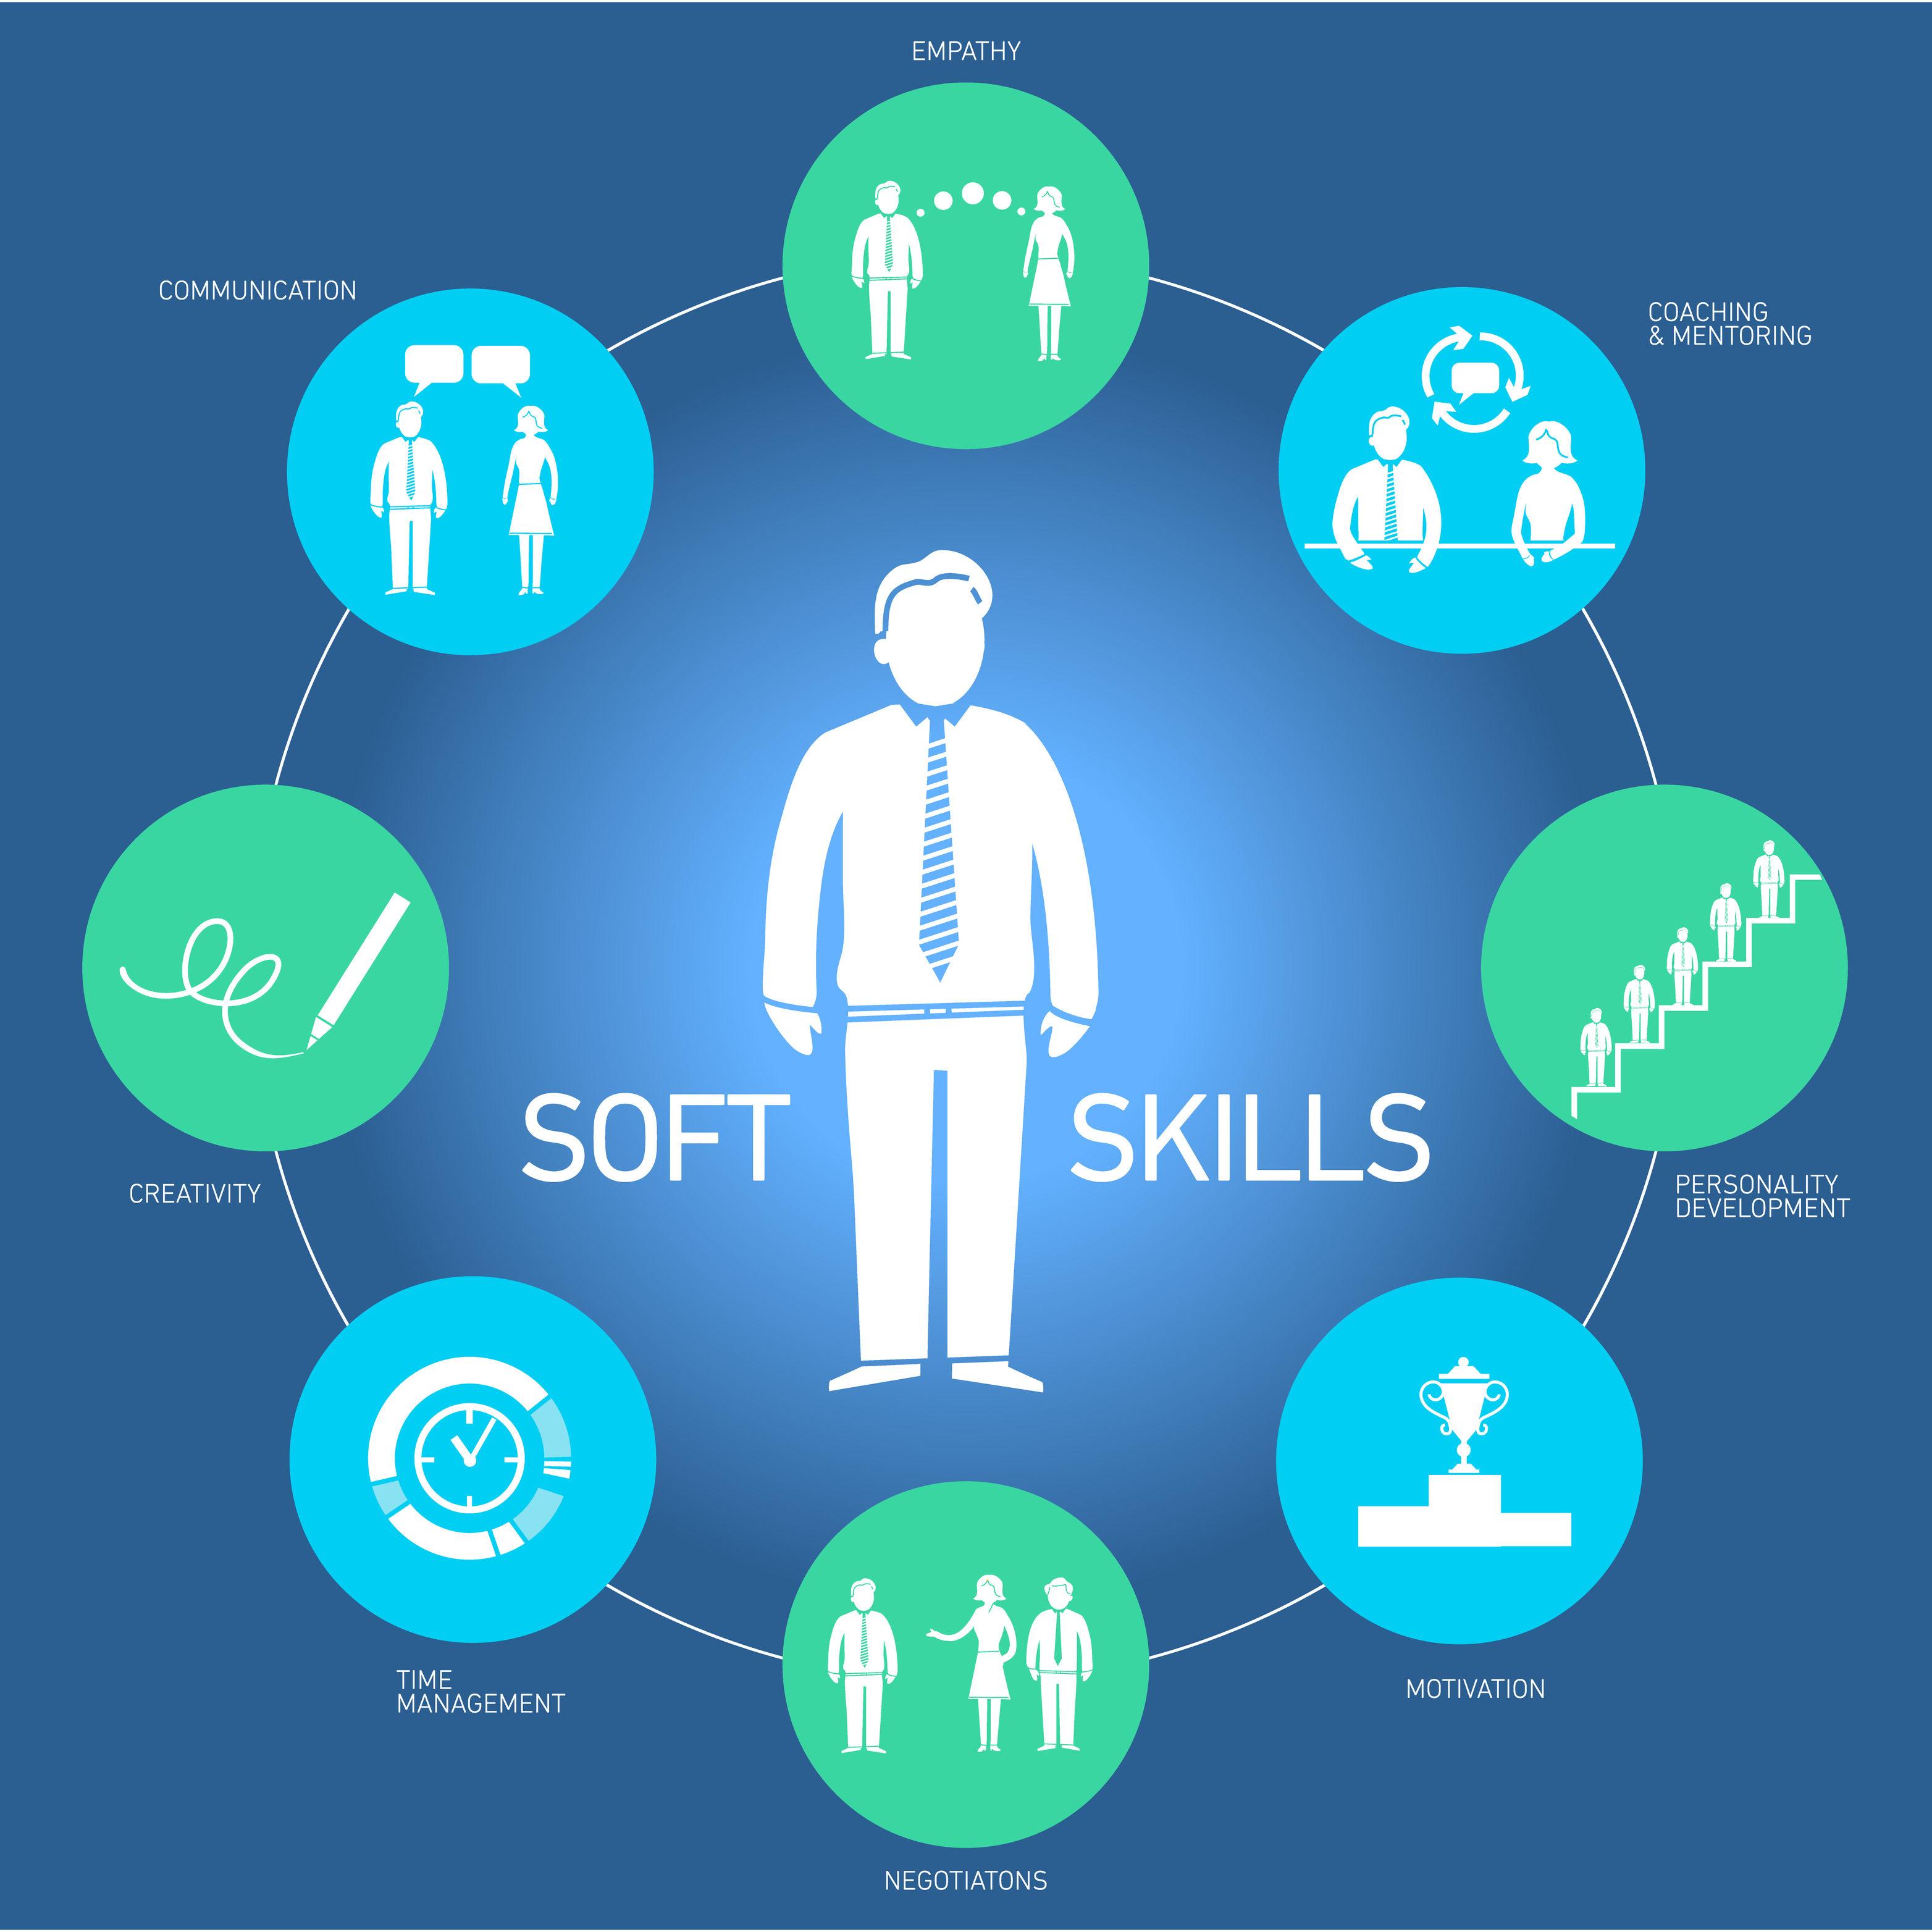 Top 10 kỹ năng hàng đầu các nhà tuyển dụng yêu cầu các ứng viên trong năm 2020